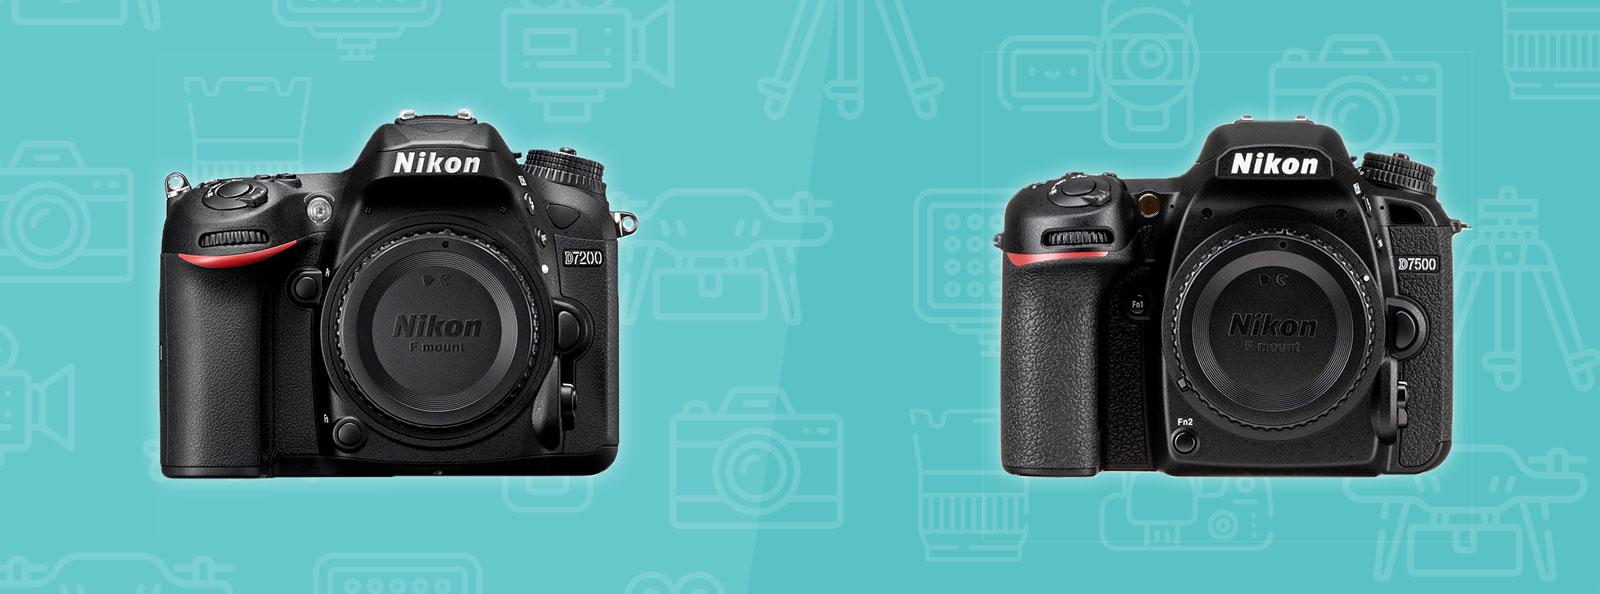 Nikon D7200 vs D7500